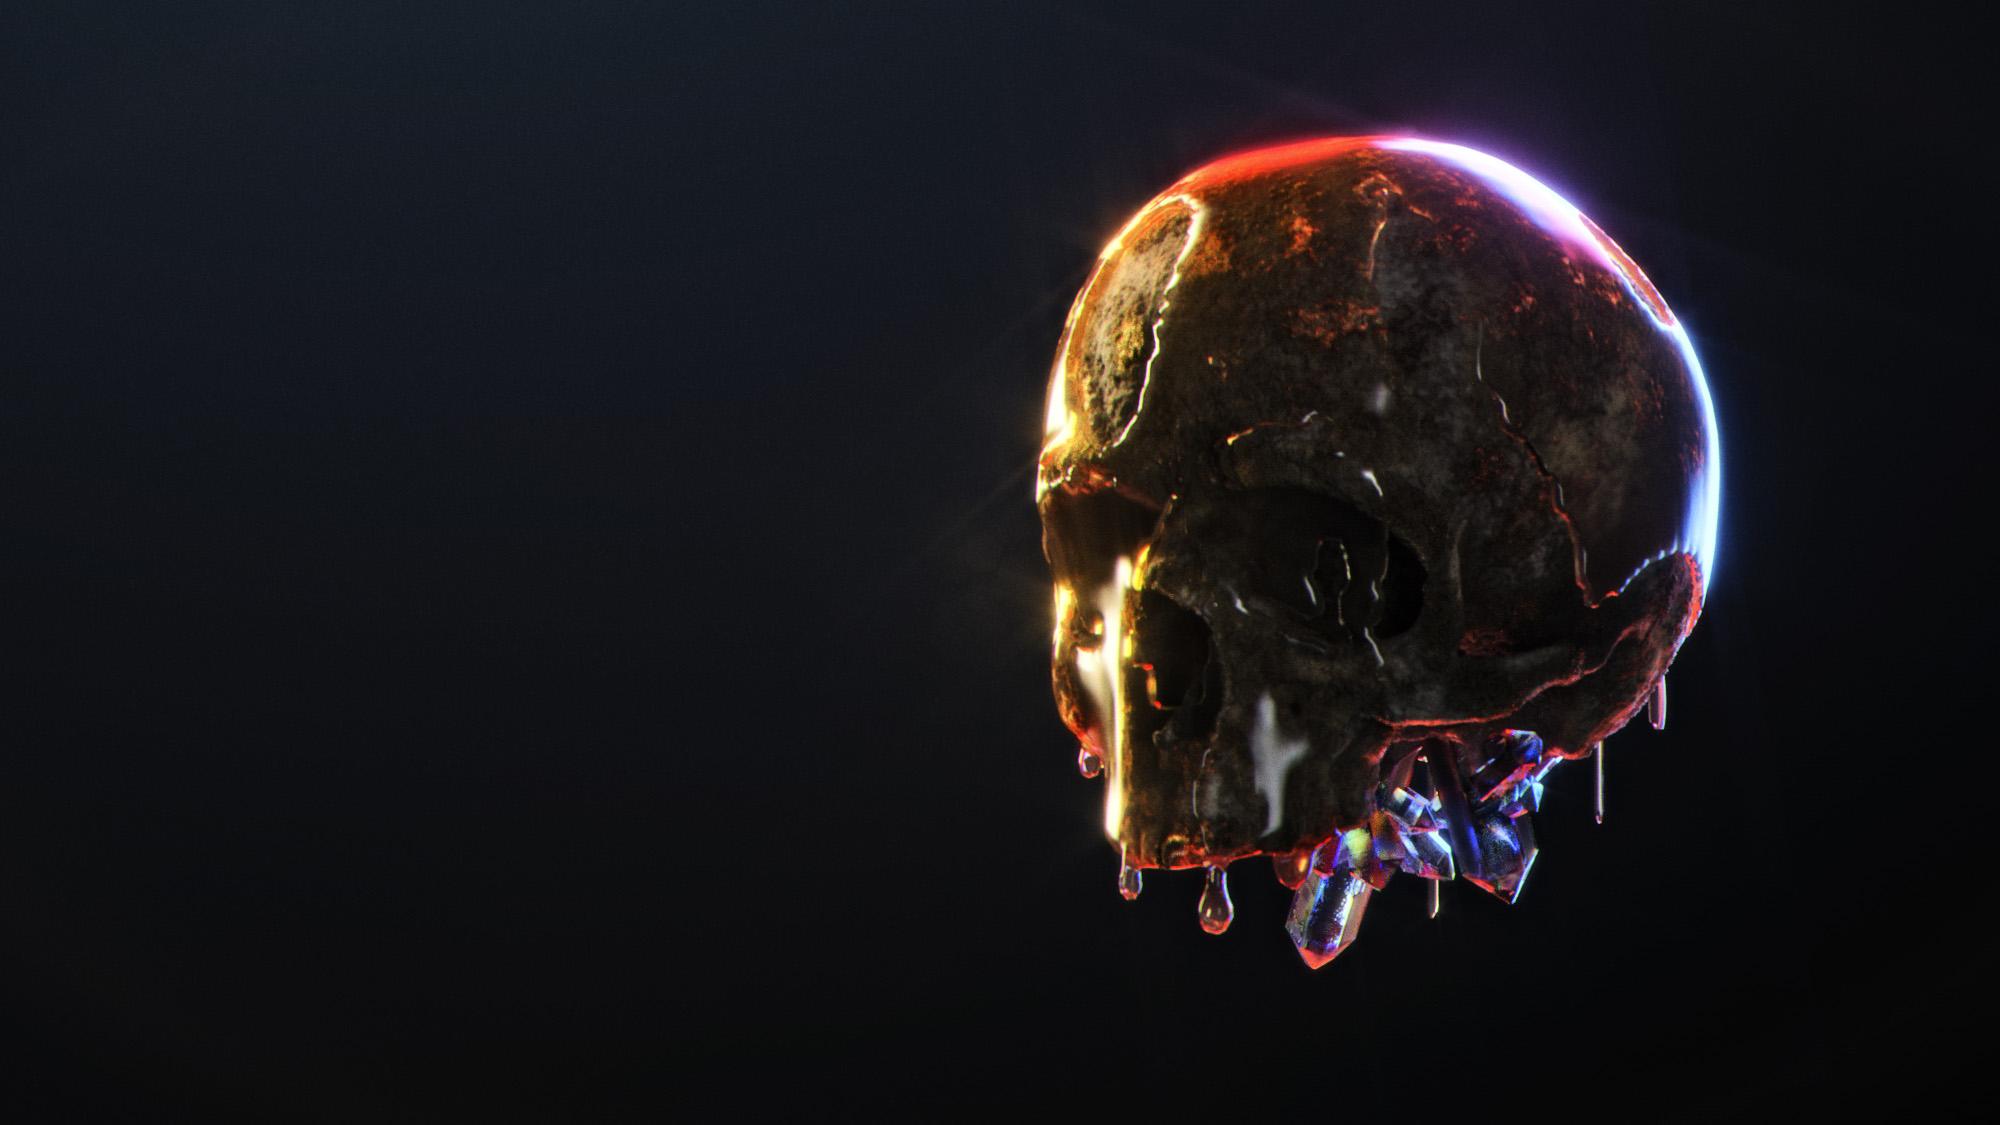 Liquid_Skull_0002_w.jpg